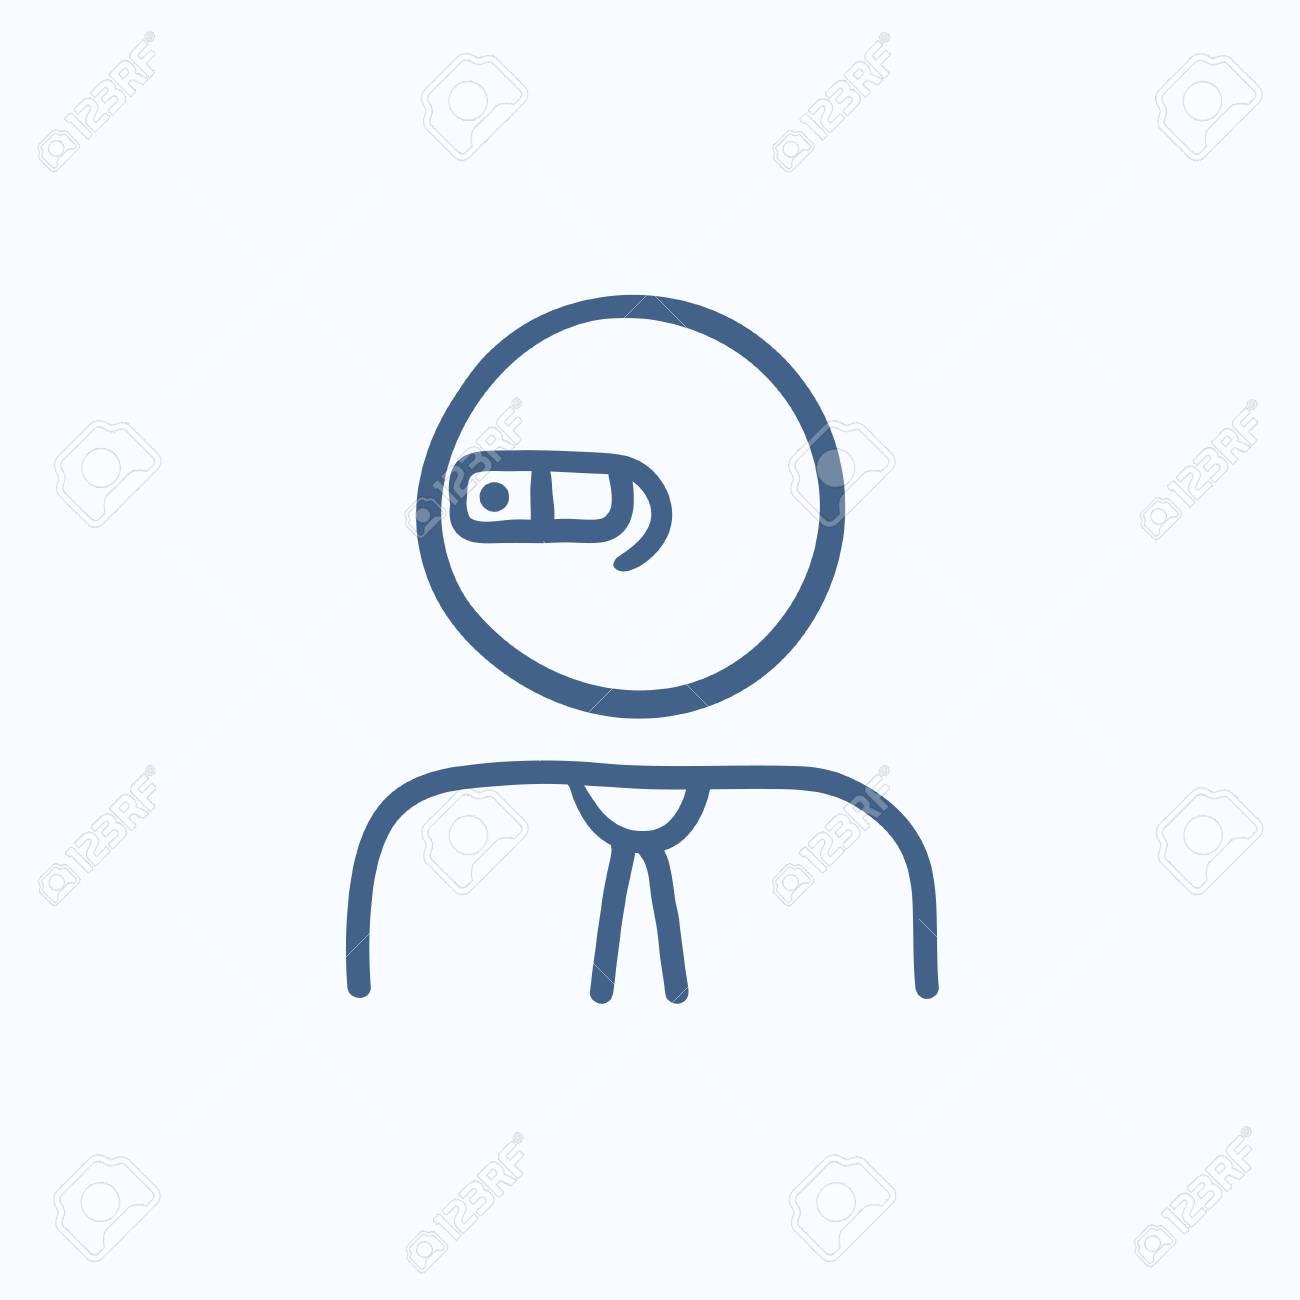 grande vendita 4983d 44de1 L'uomo in occhiali a realtà aumentata icona di schizzo vettoriale isolato  su sfondo. Uomo disegnato a mano nell'icona di occhiali di realtà  aumentata. ...